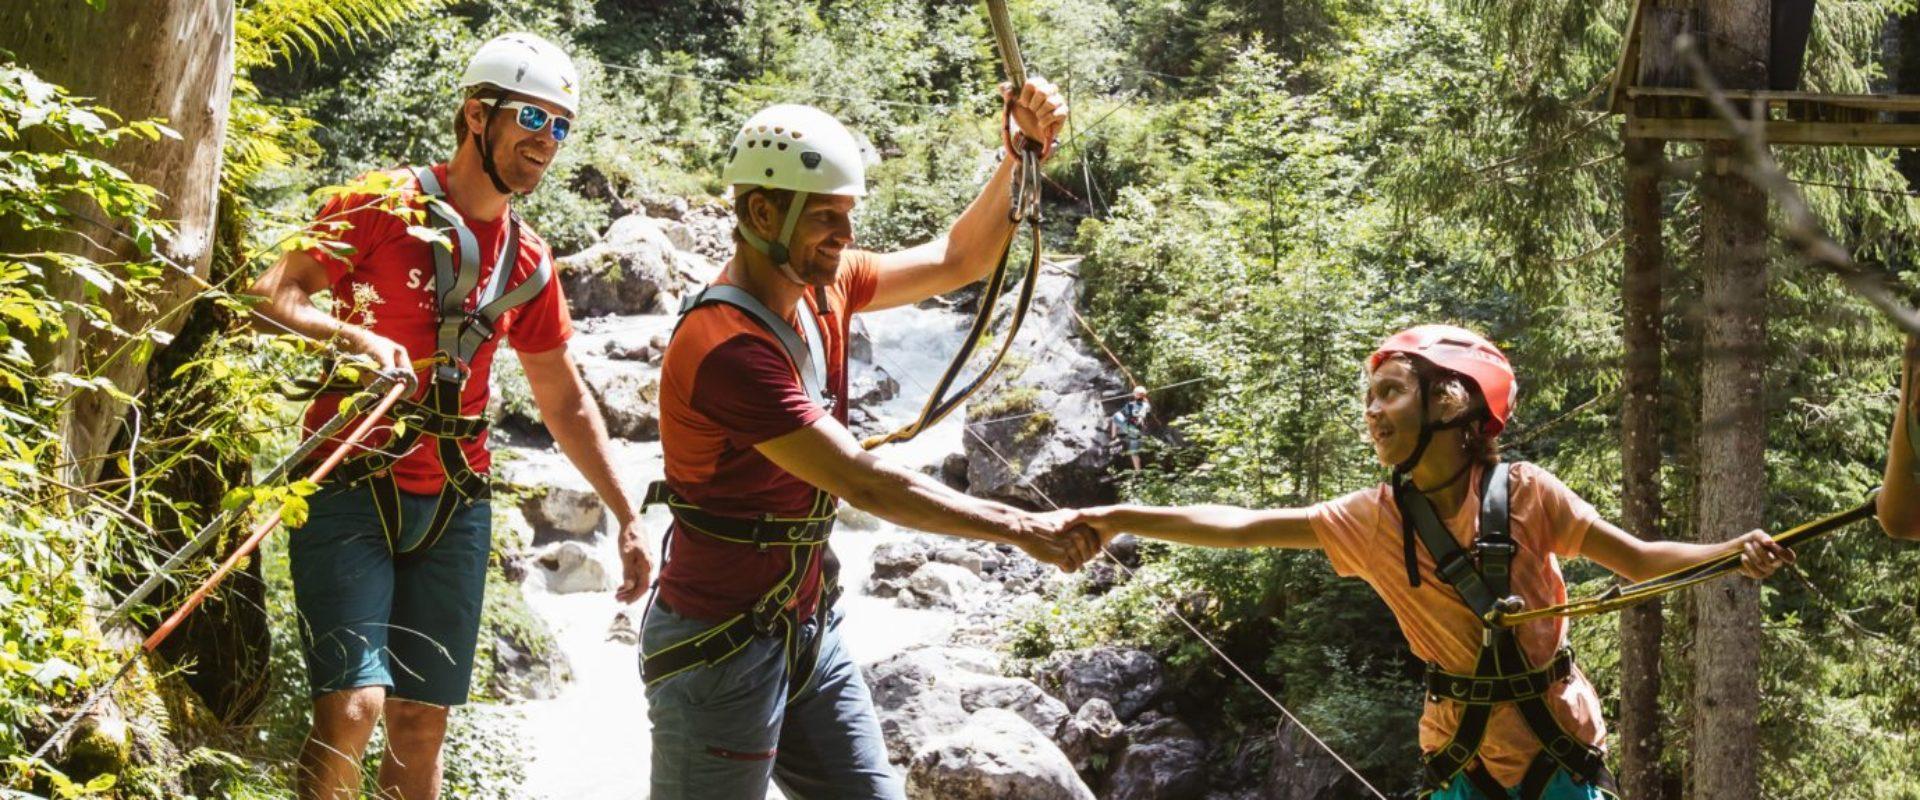 Warth-Schroecken Tourismus 3